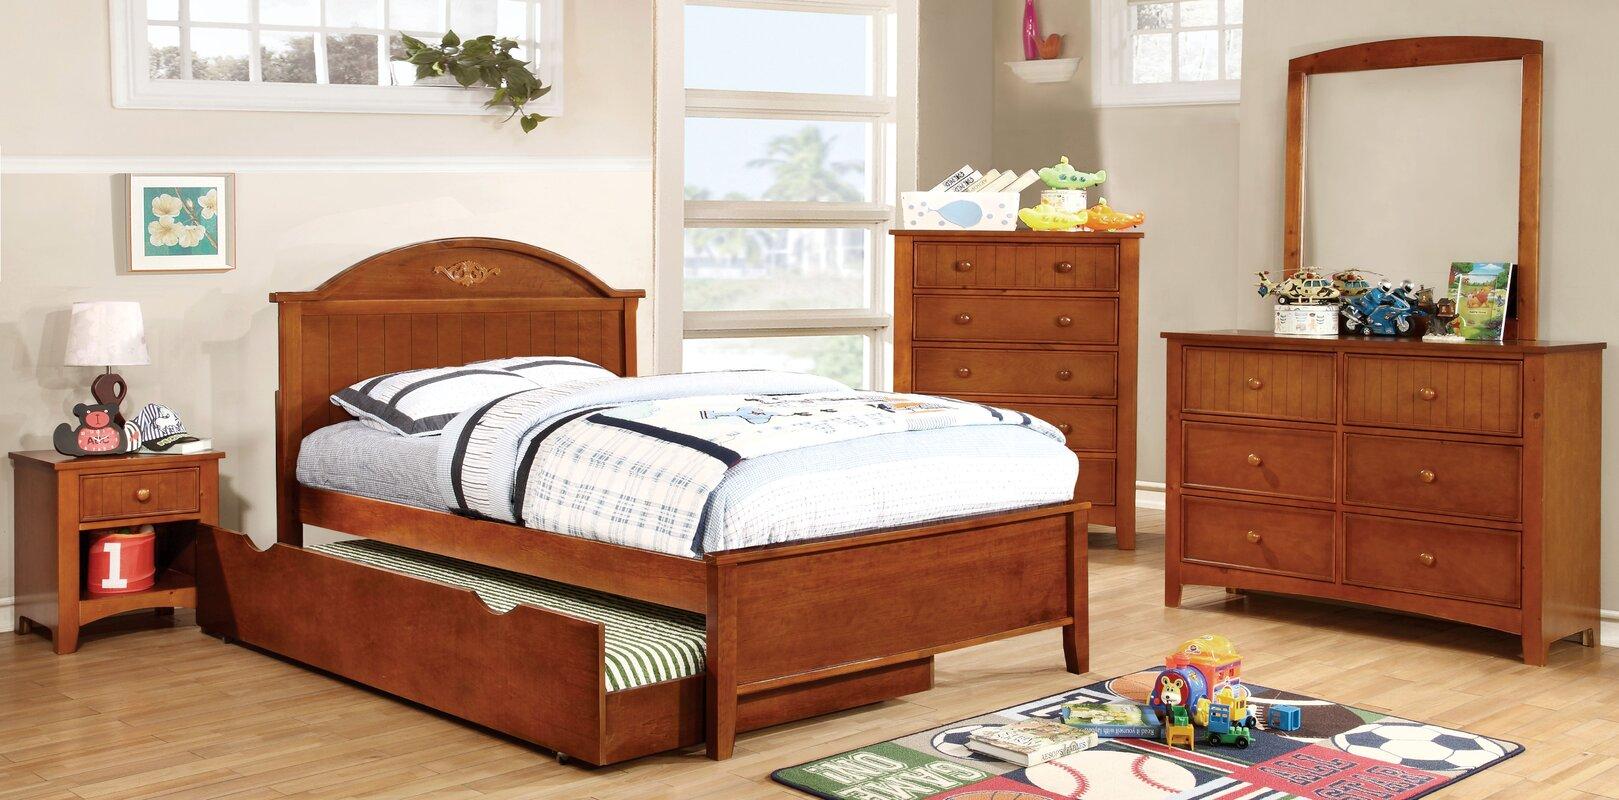 Ebern Designs Nageshwar Platform Bed Reviews: Hokku Designs Shoreman Platform Bed & Reviews